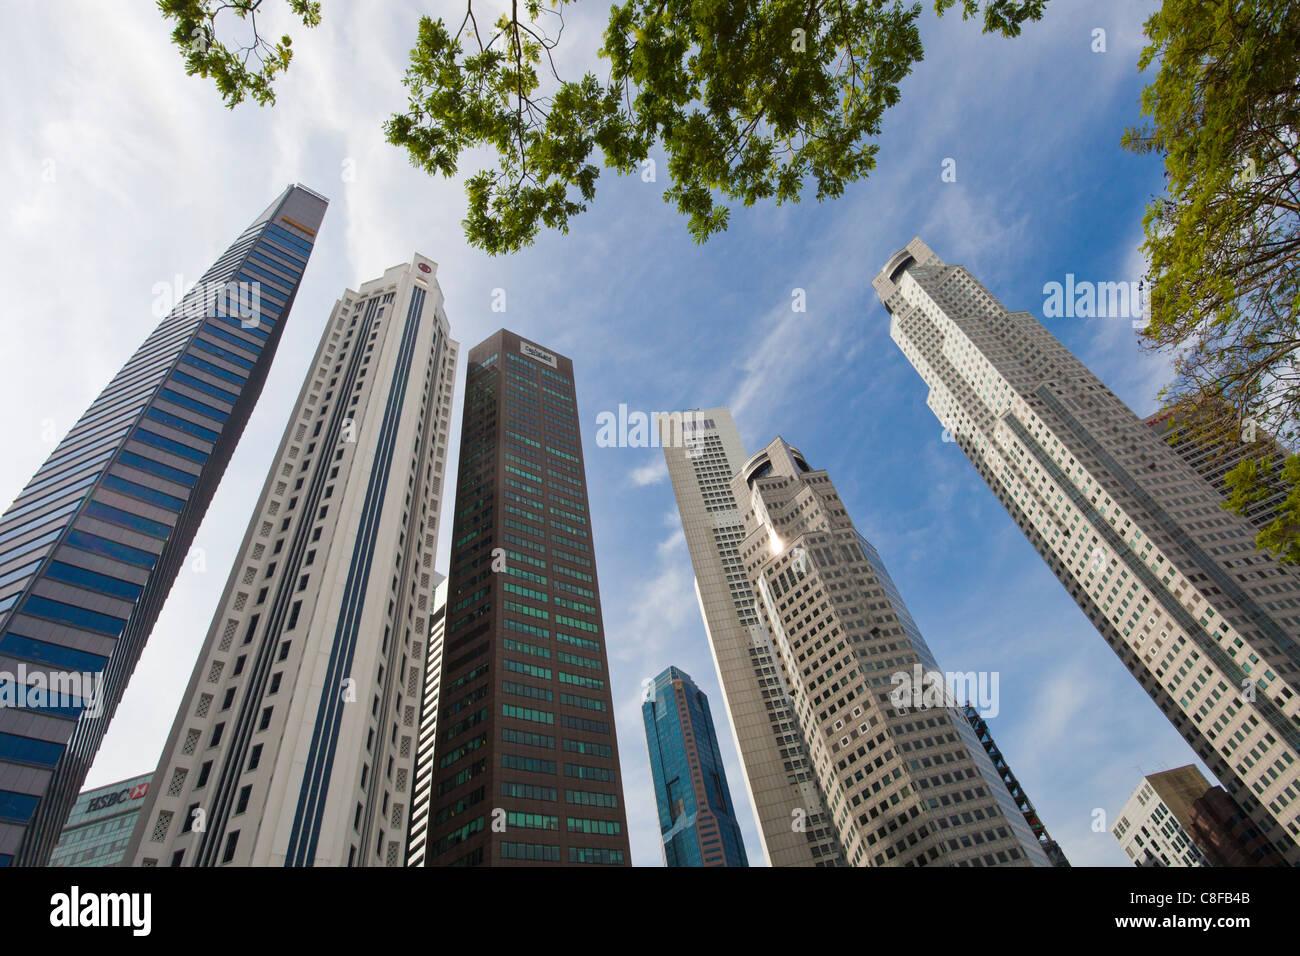 Singapur, Stadt, Stadt, Blöcke von Wohnungen, Hochhäuser, Wolkenkratzer, Downtown, Skyline, Häuser, Stockbild